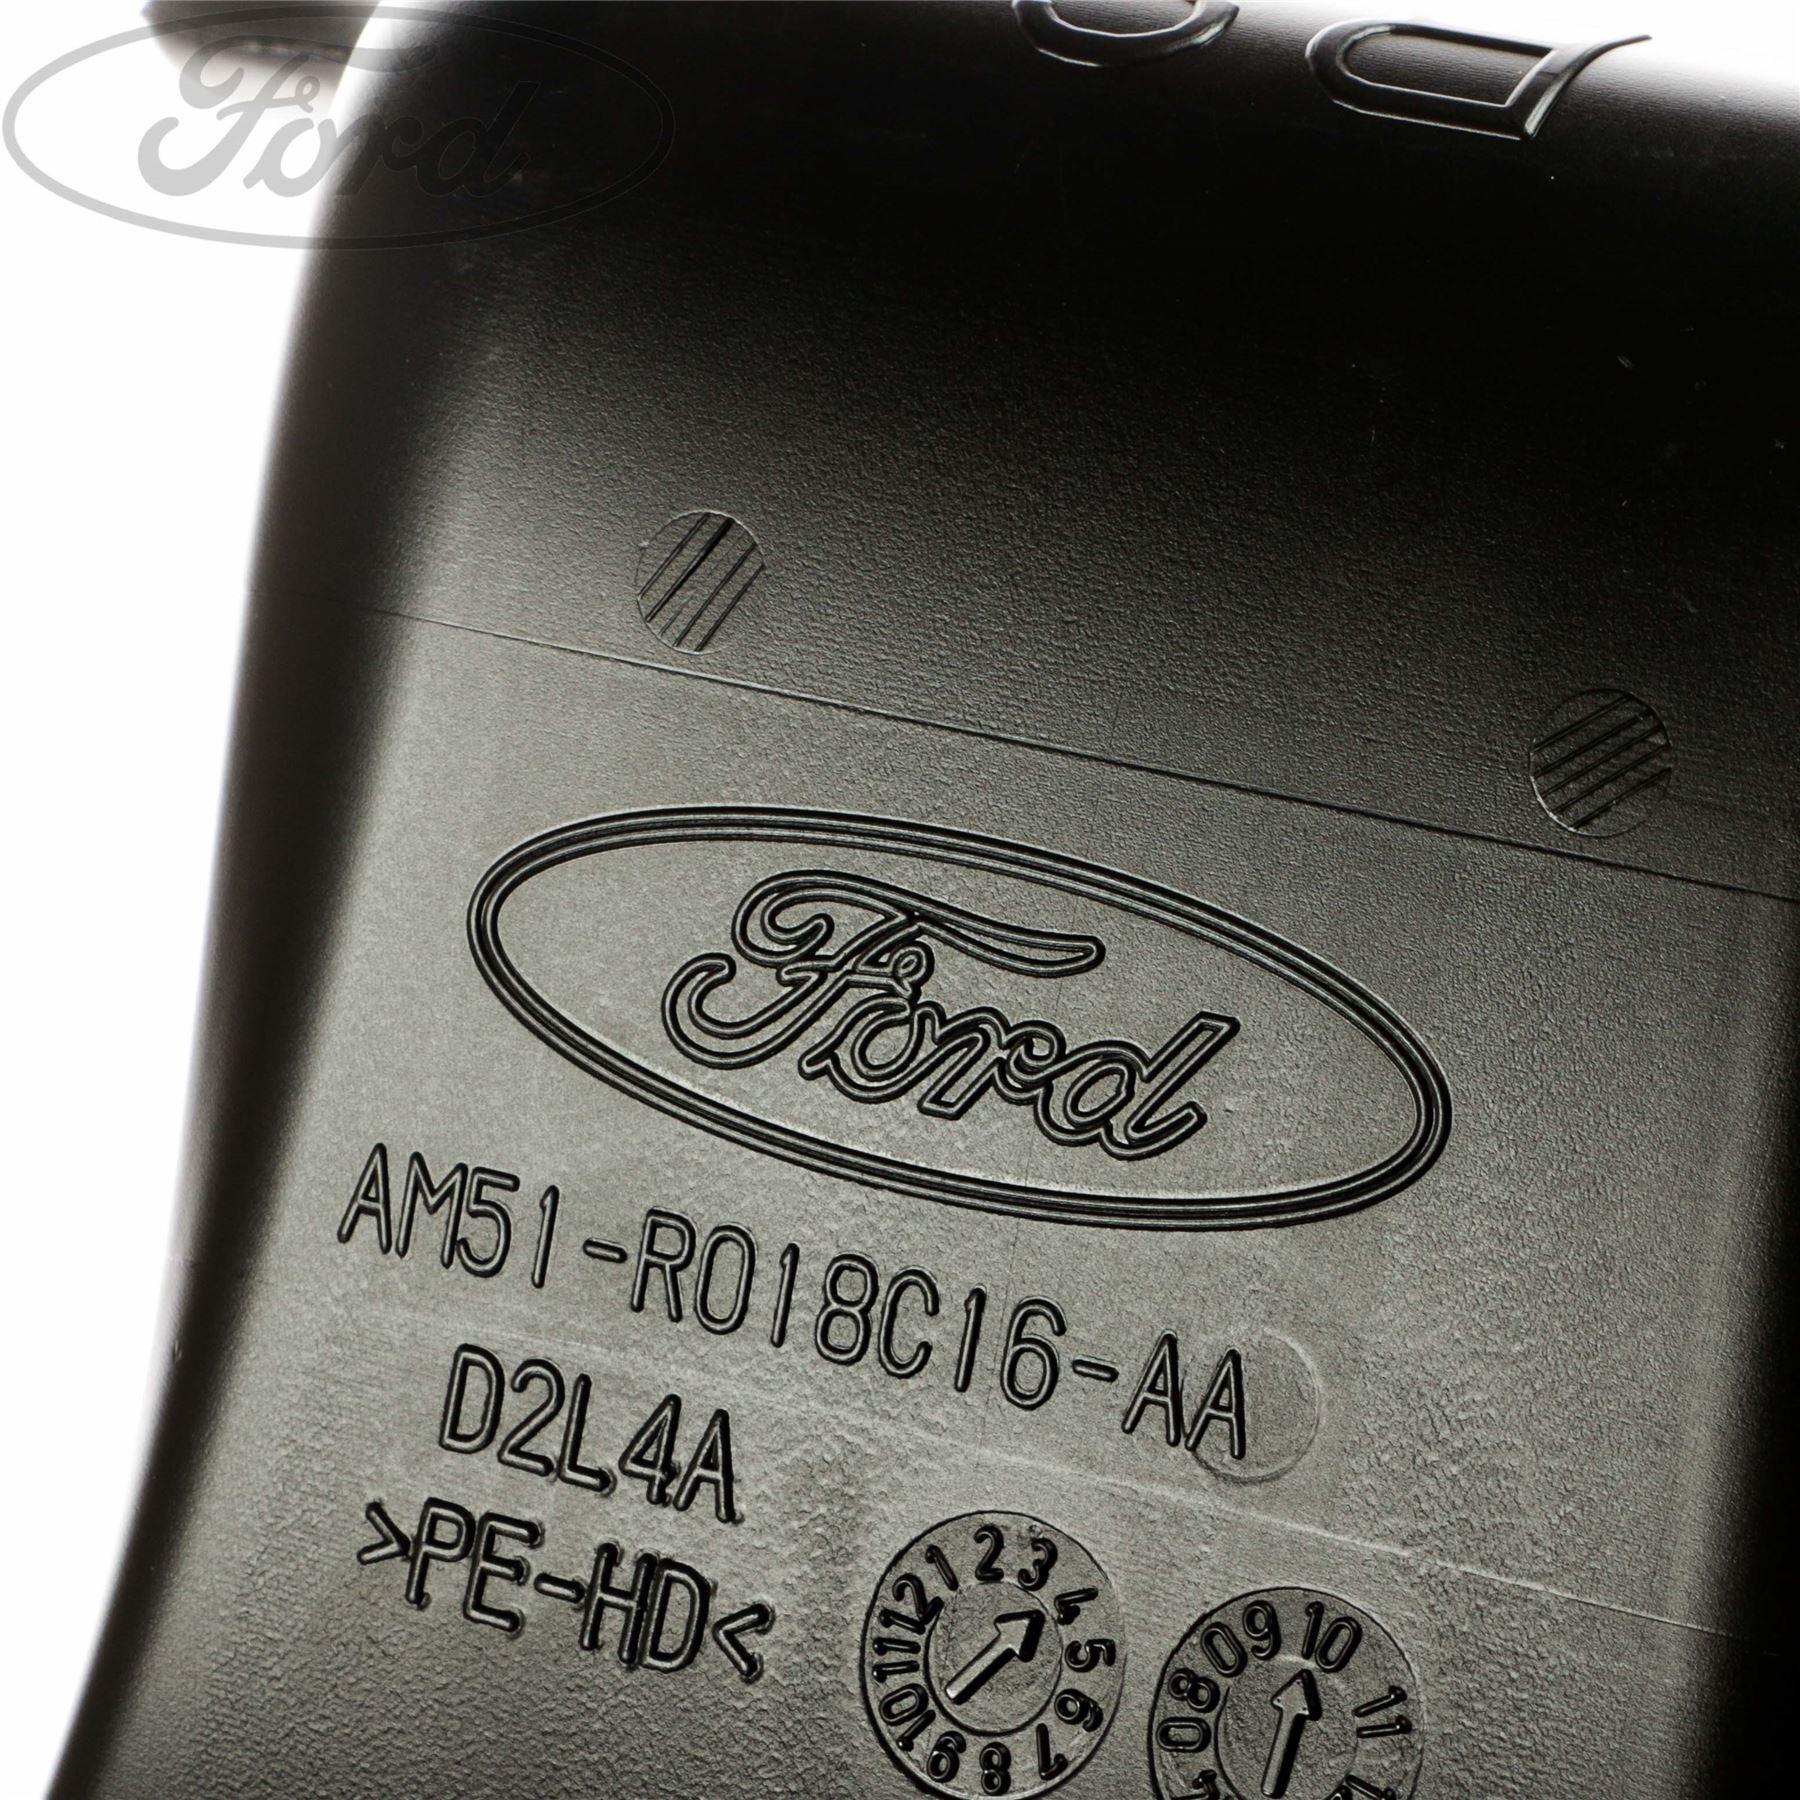 Ev 2603  Fuse Box Diagram On Genuine Ford Galaxy Mk2 Fuse